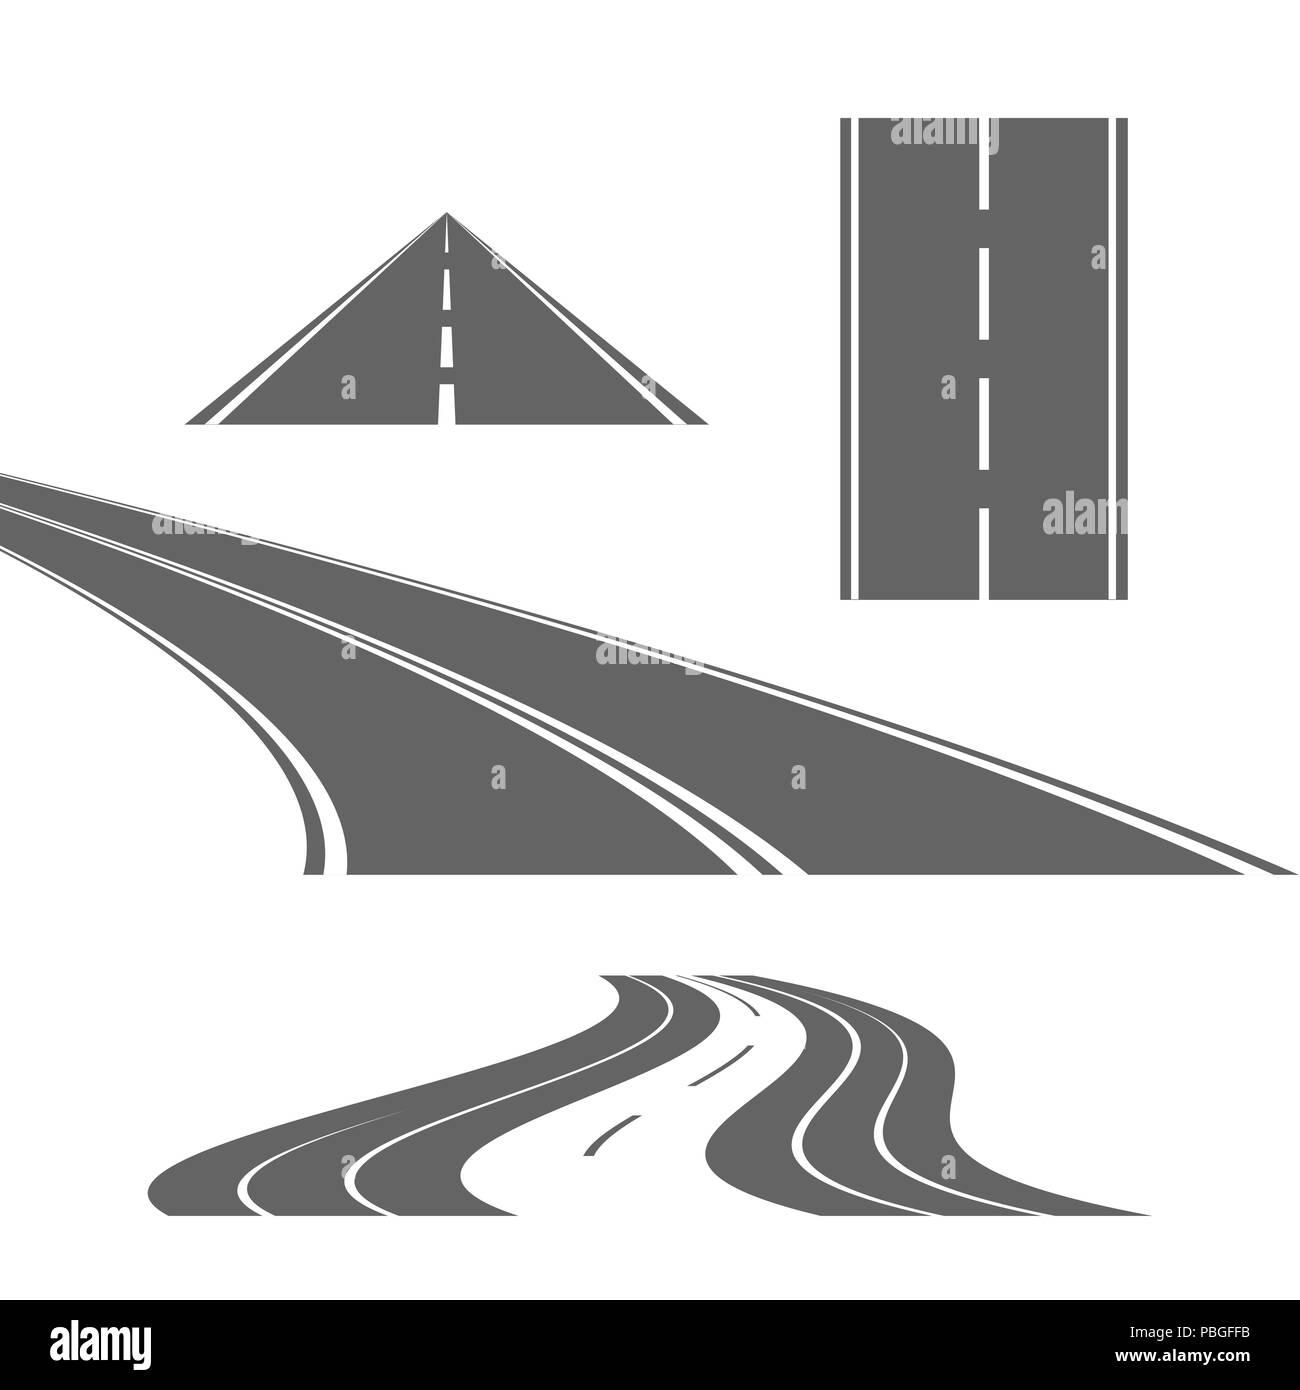 Courbe et routes droites isolé sur fond blanc. Ensemble des éléments de conception pour la conception Web, des bannières, des présentations ou des cartes de visite, flyers, brochures Photo Stock